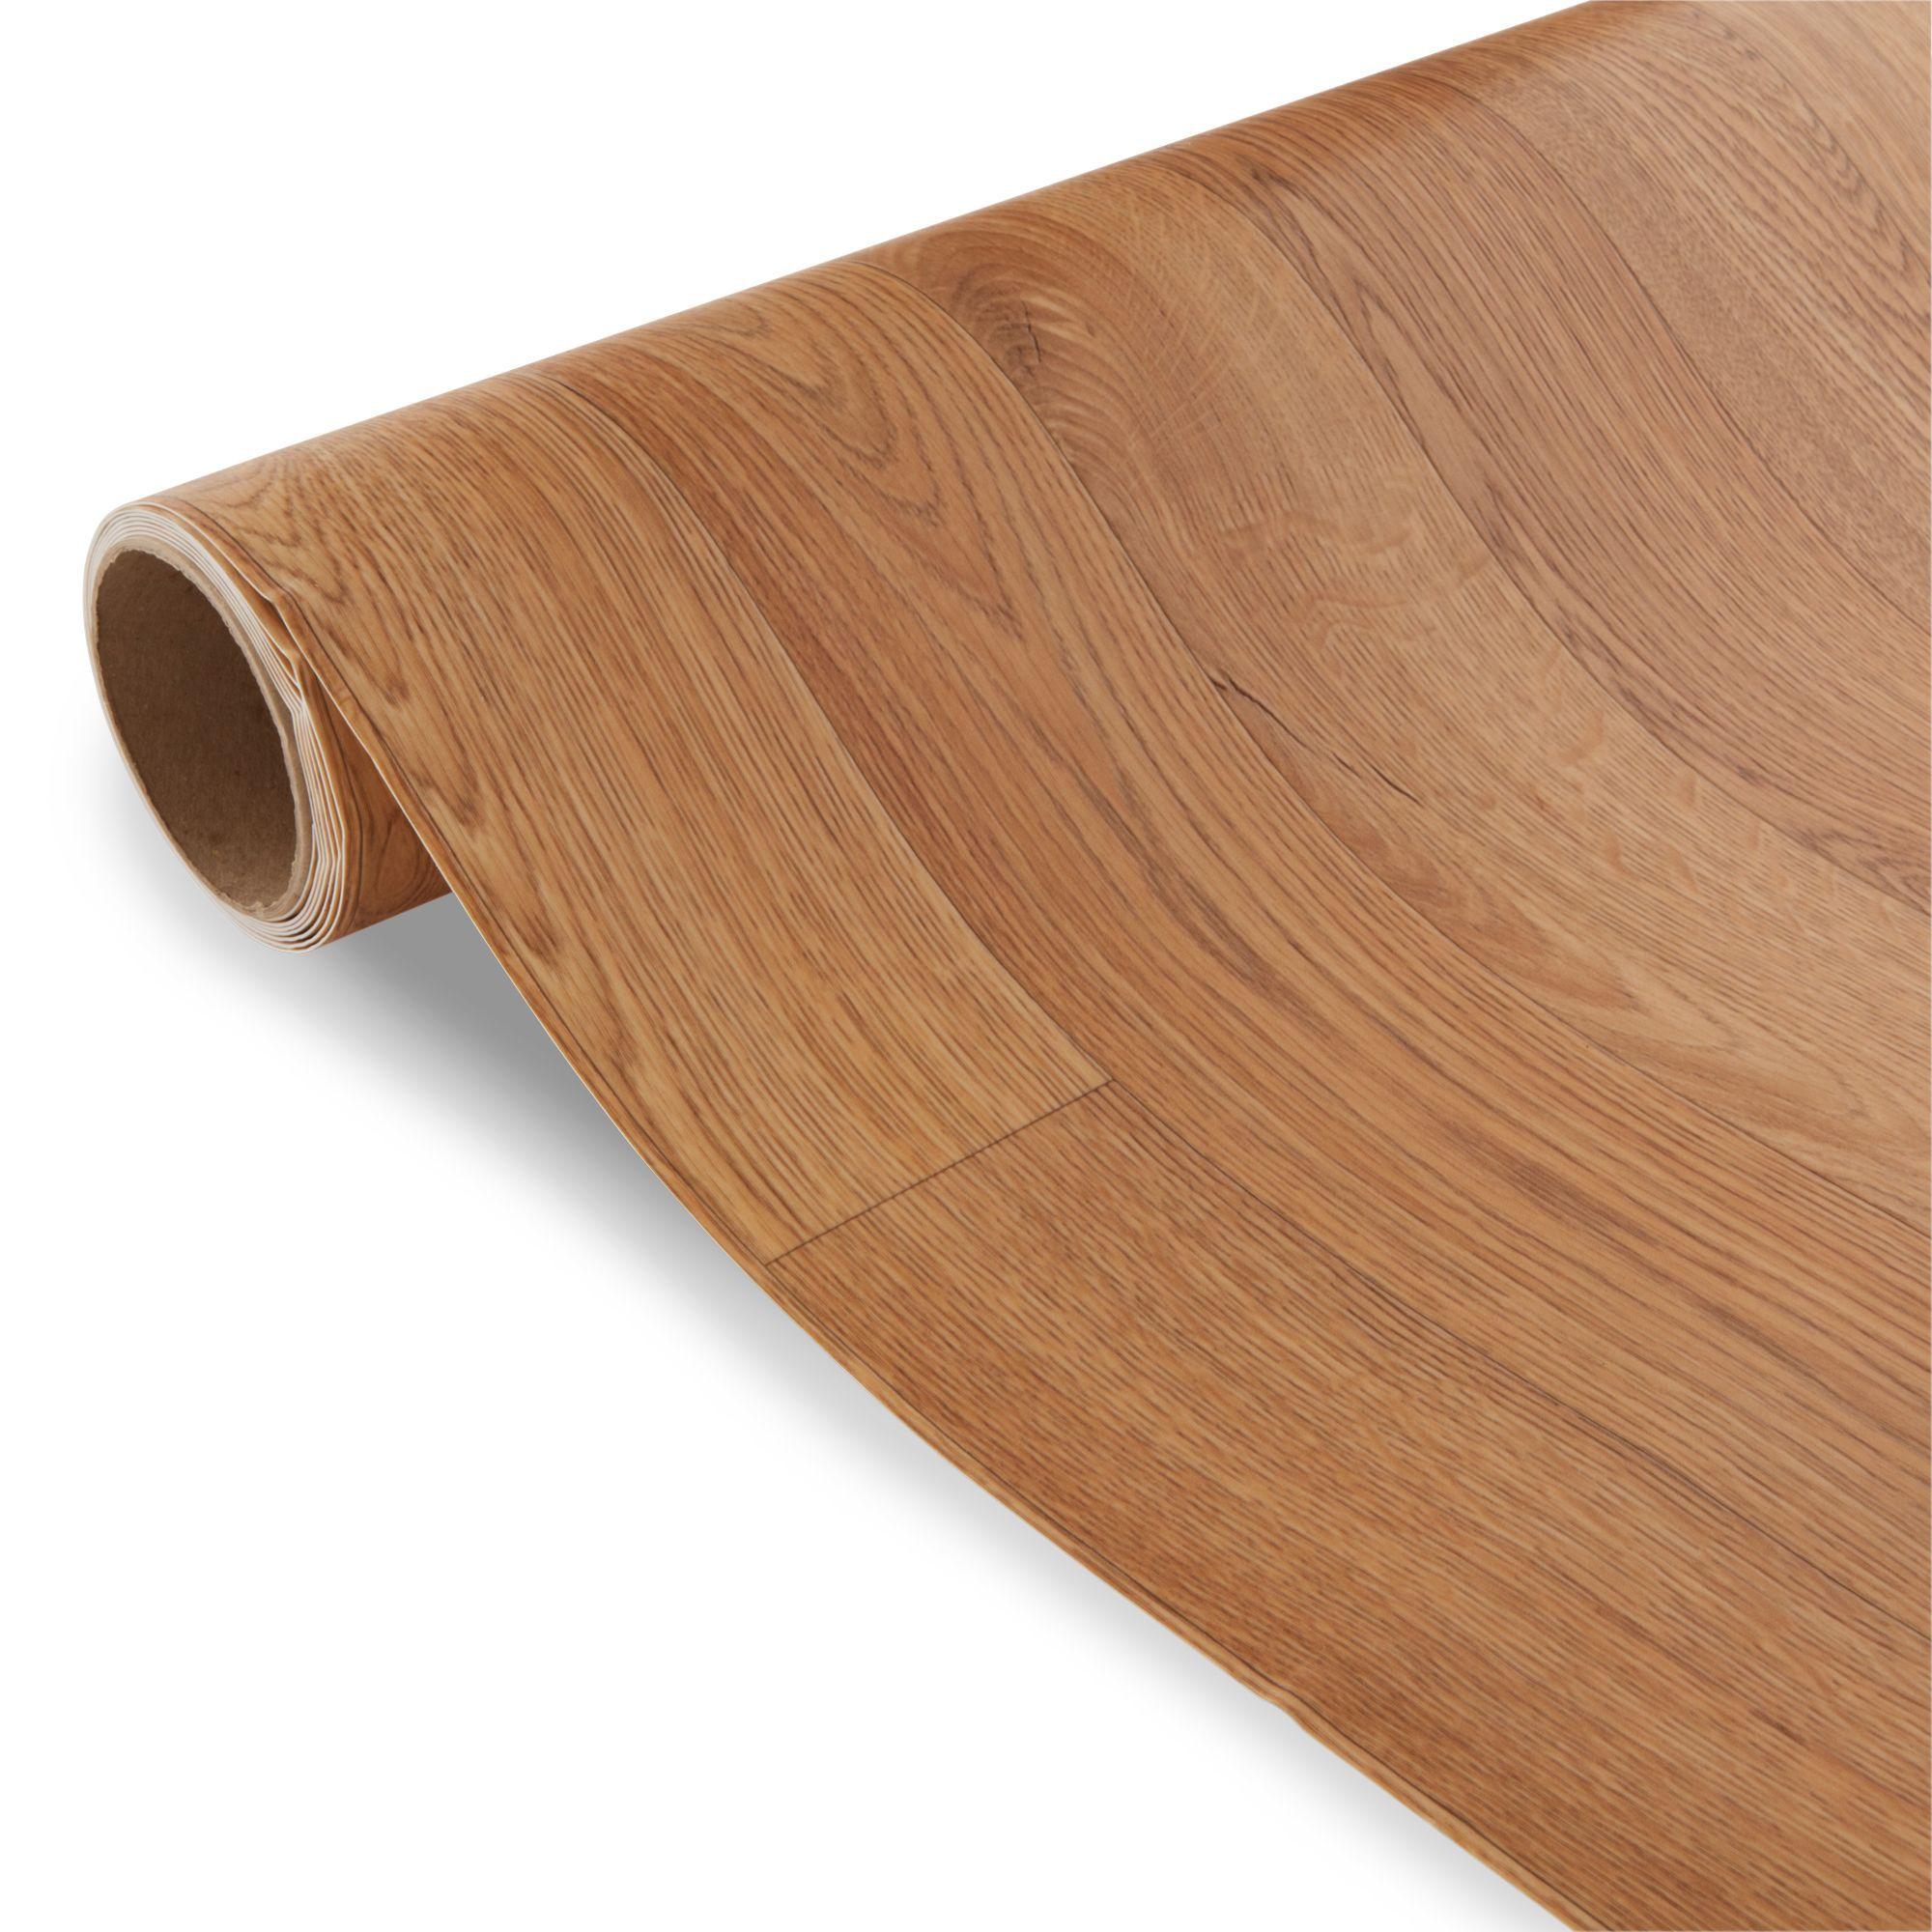 Bq vinyl flooring meze blog for Black wood effect lino